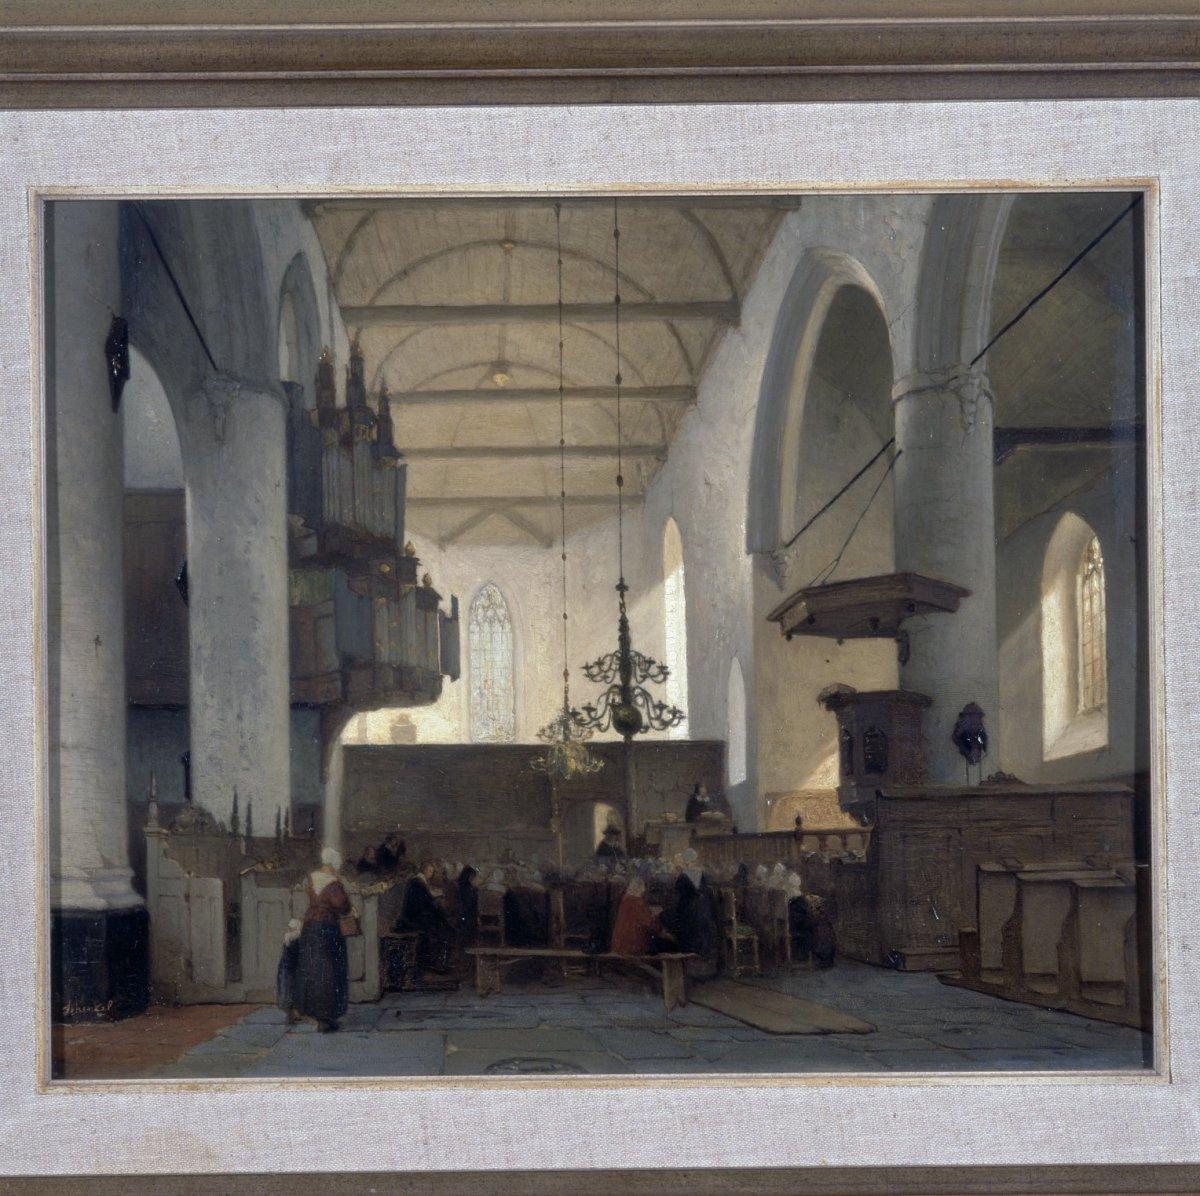 Datei:Schilderij, interieur met orgel - Bolsward - 20358190 - RCE ...